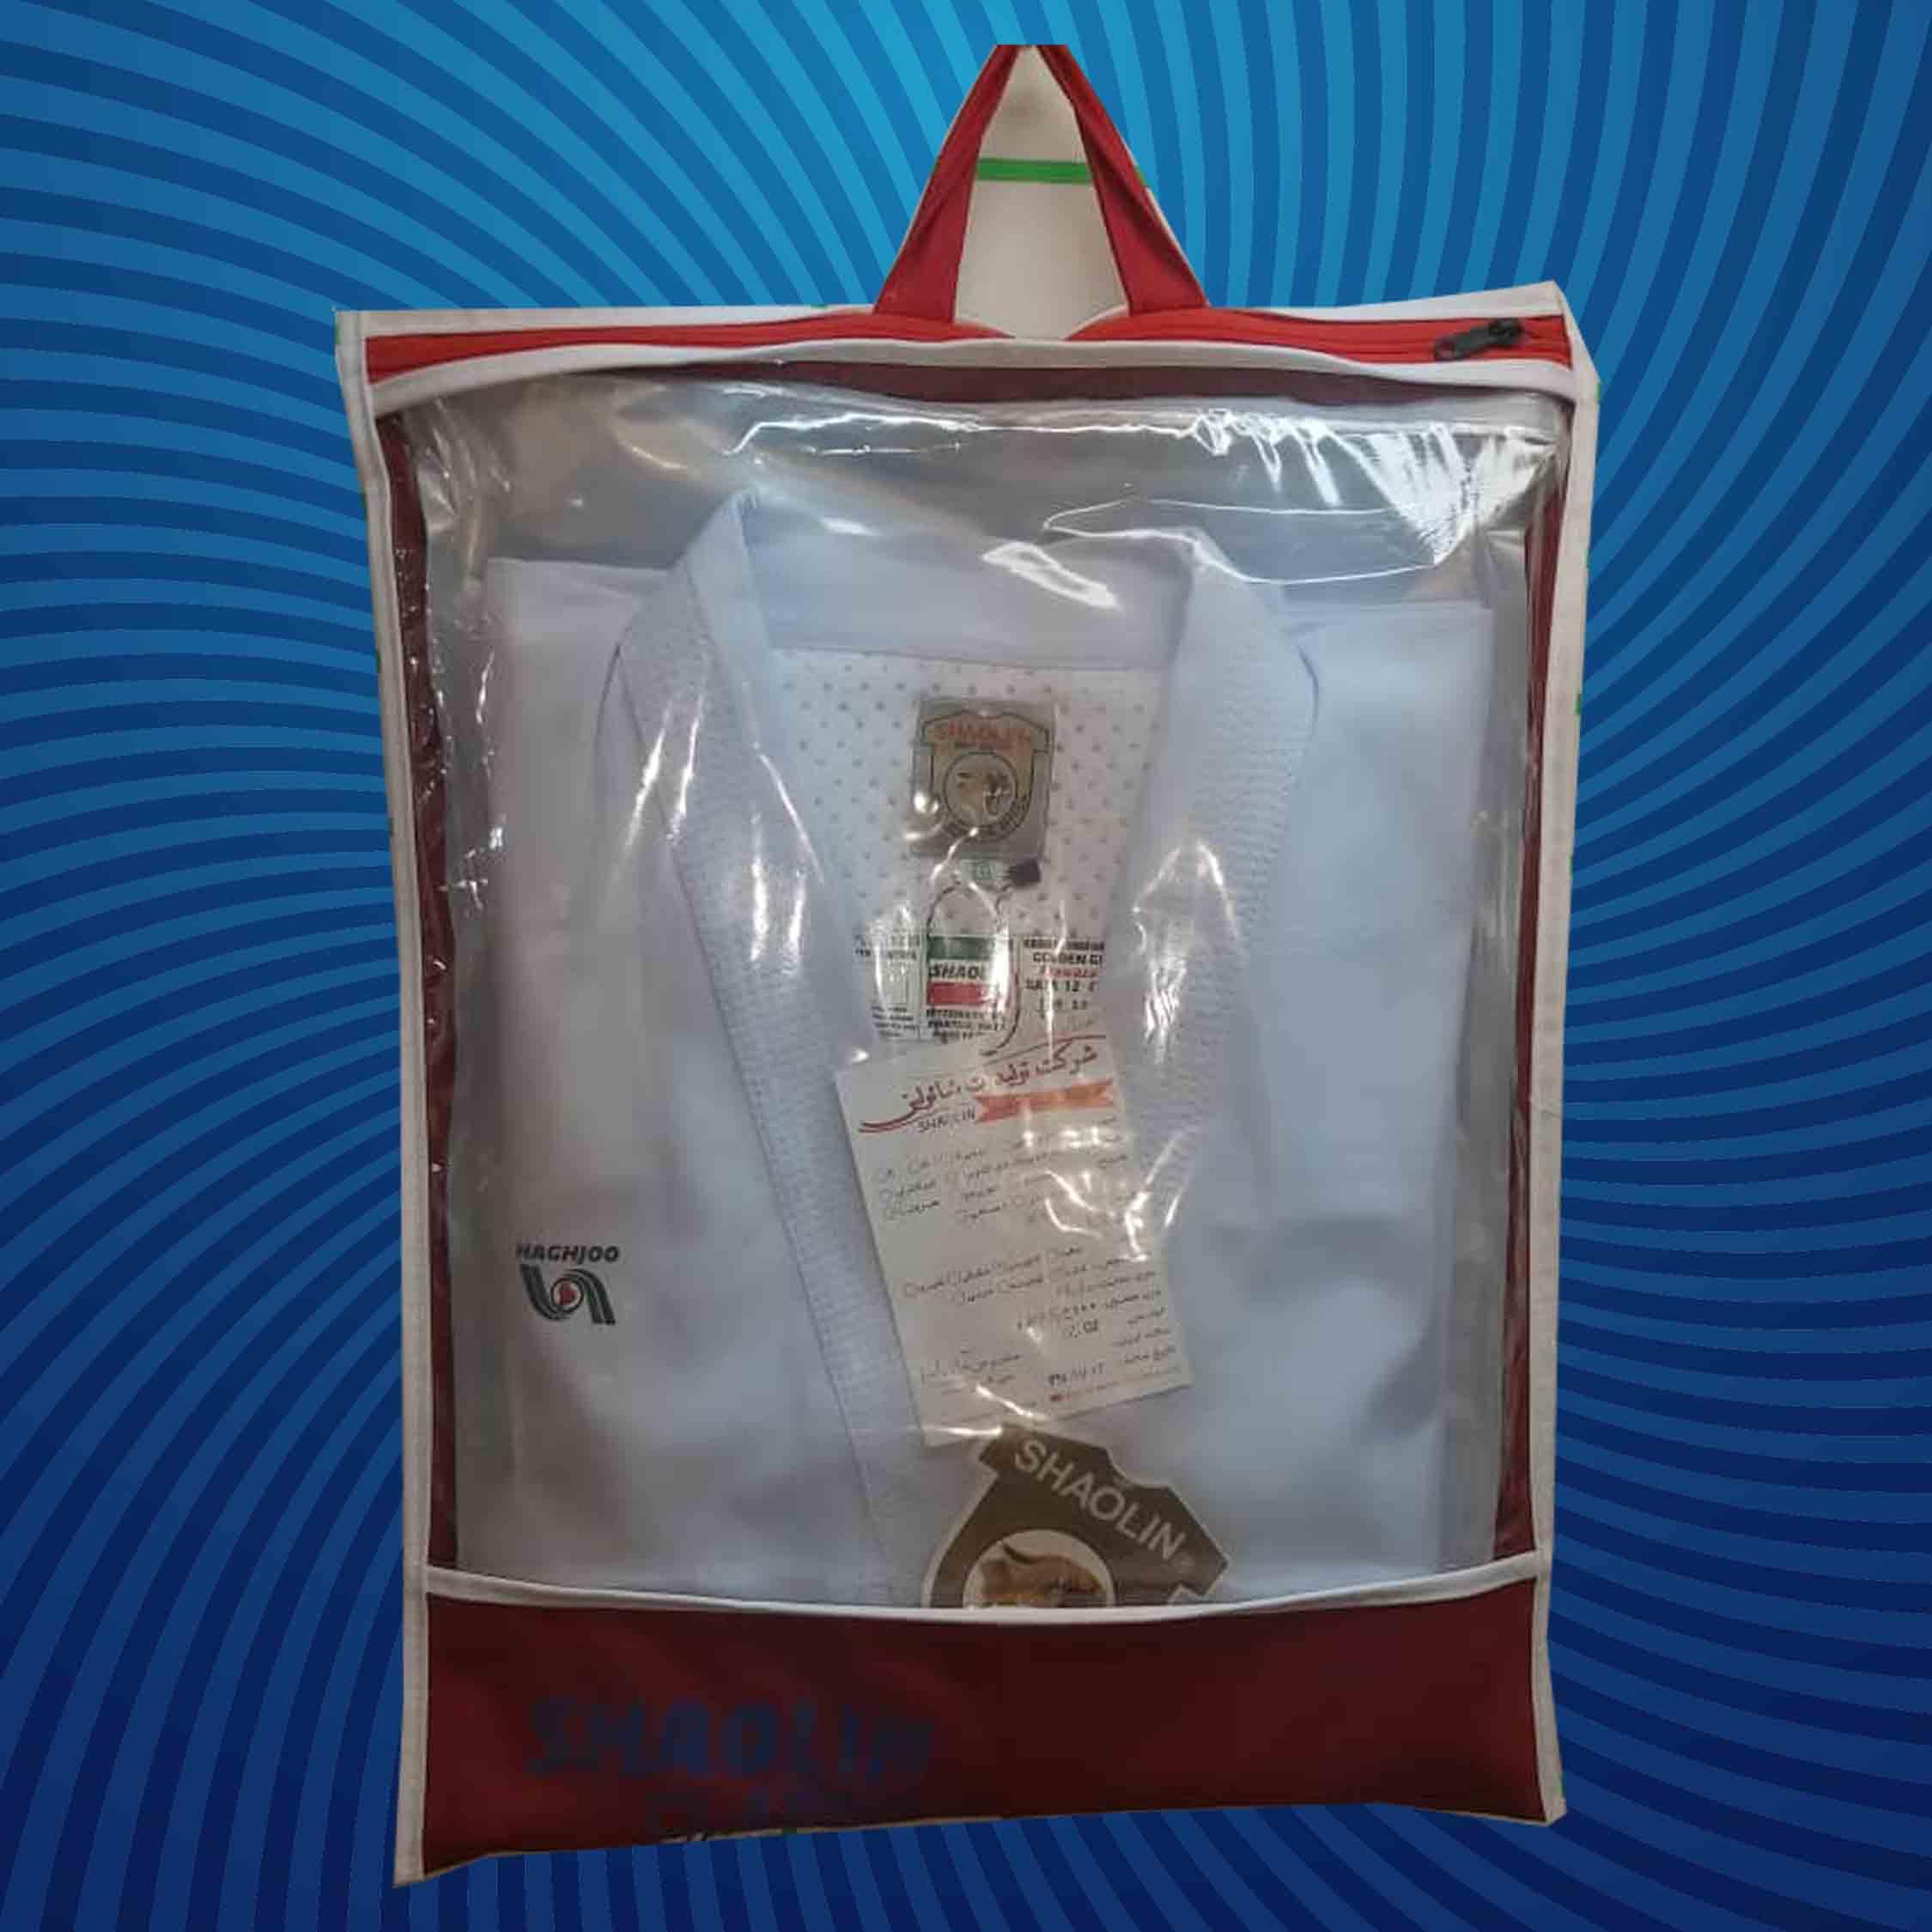 لباس کاراته کاتا گلدن گی ۱۲ انس سایز ۳نیم